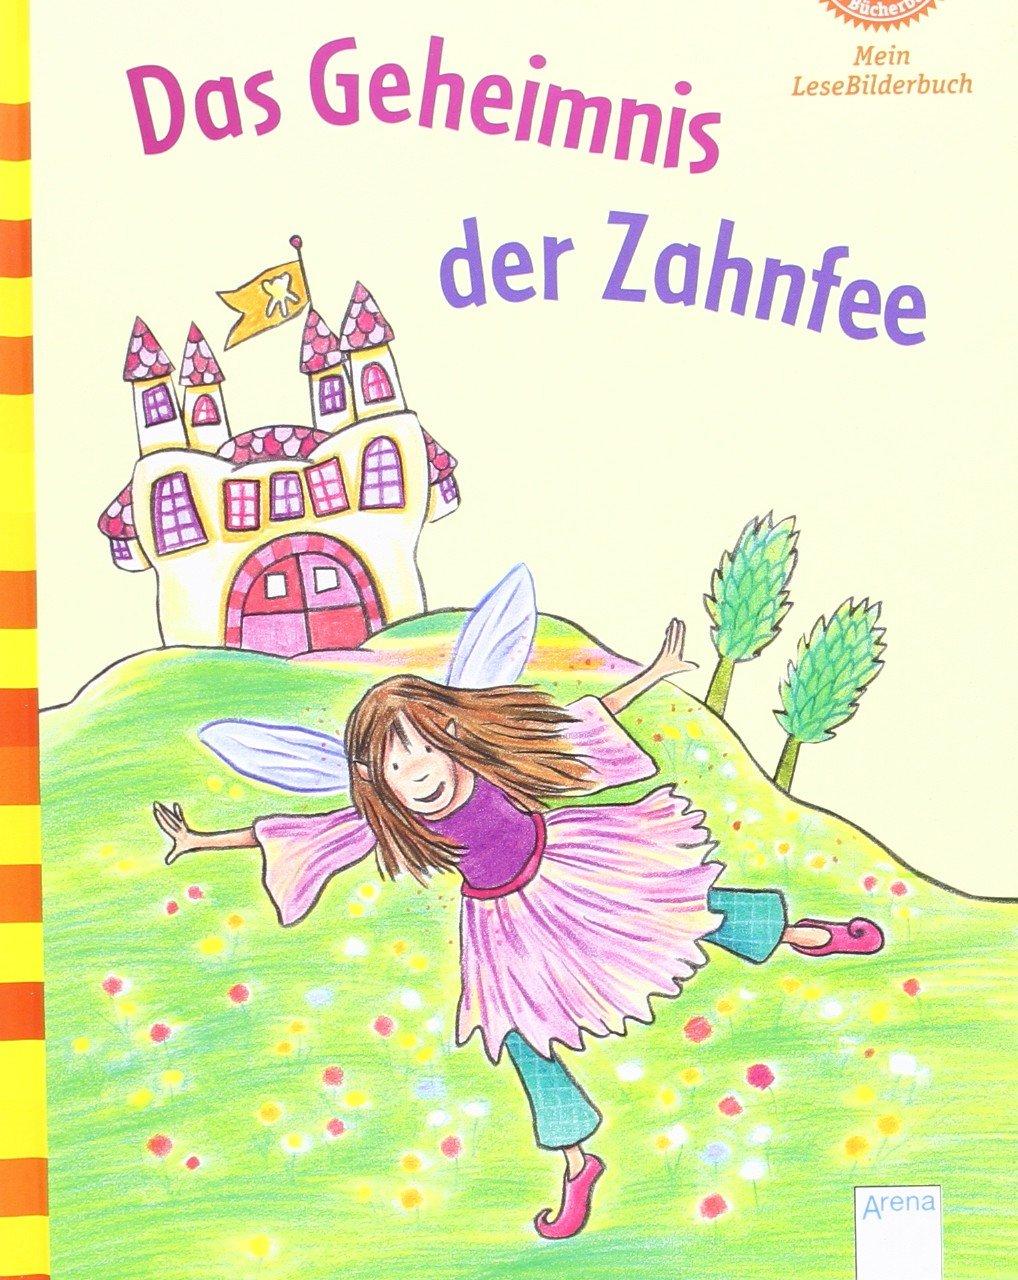 Der Bücherbär: Mein LeseBilderbuch: Das Geheimnis der Zahnfee